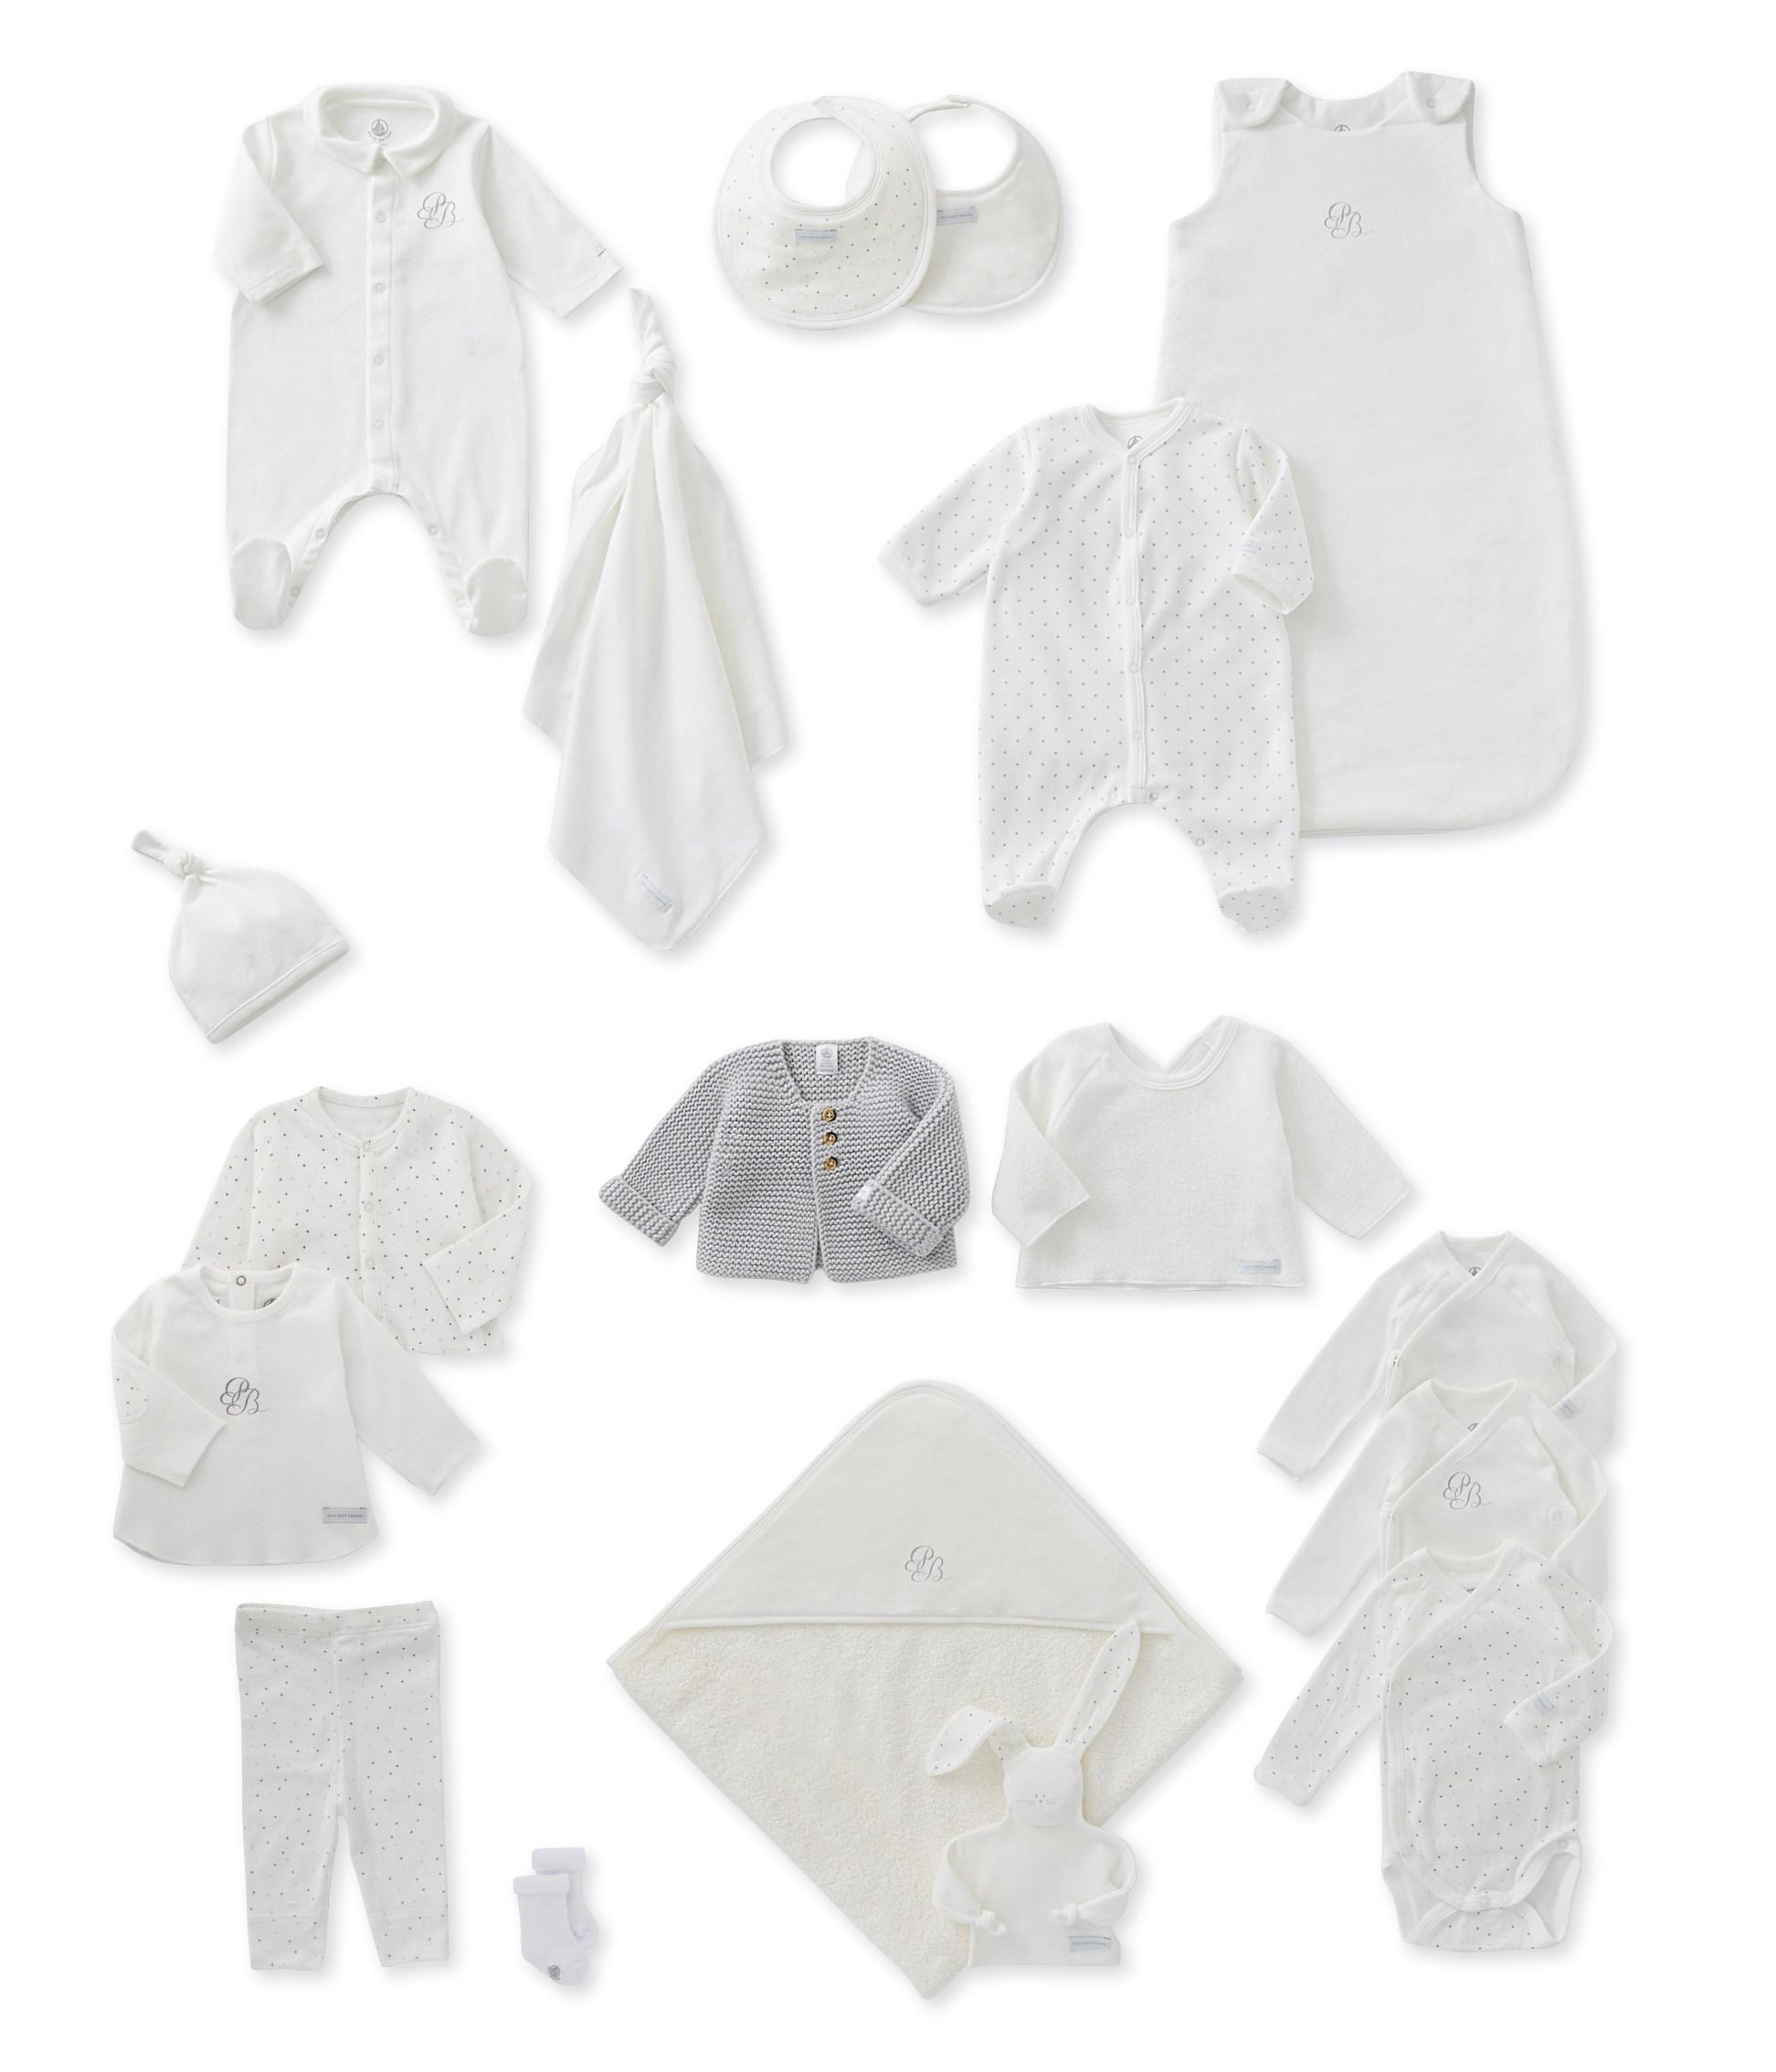 4de916d1a6f73b Ein kleiner Baby-Shopping Guide für Paris - Mini Journelles